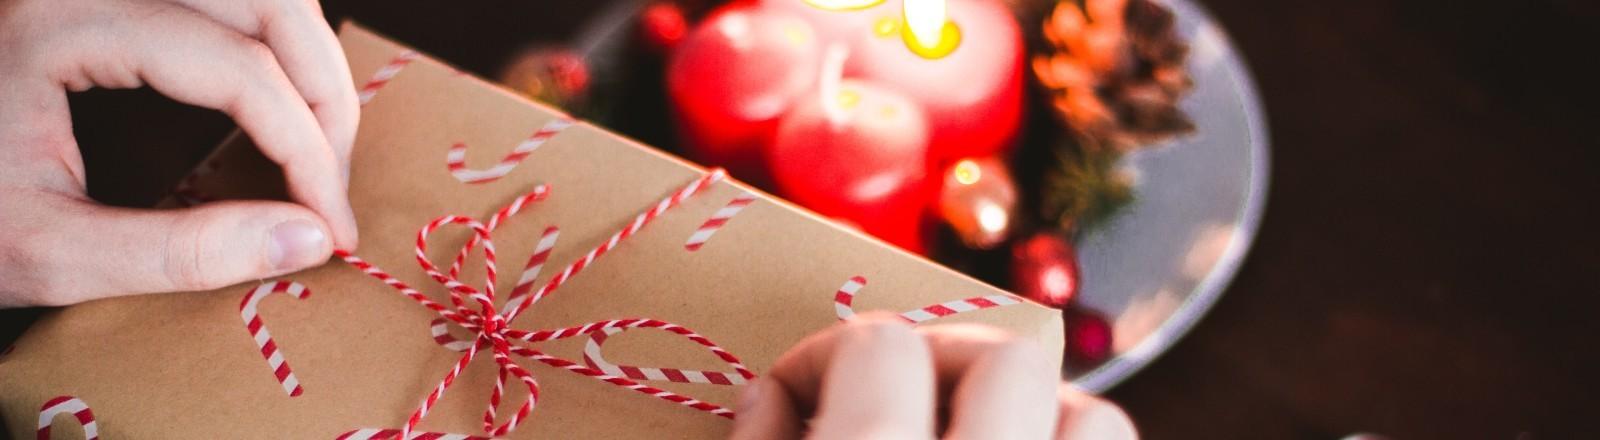 Eine Person verpackt ein Weihnachtsgeschenk an einem Tisch. Davor ist ein Adventskranz.